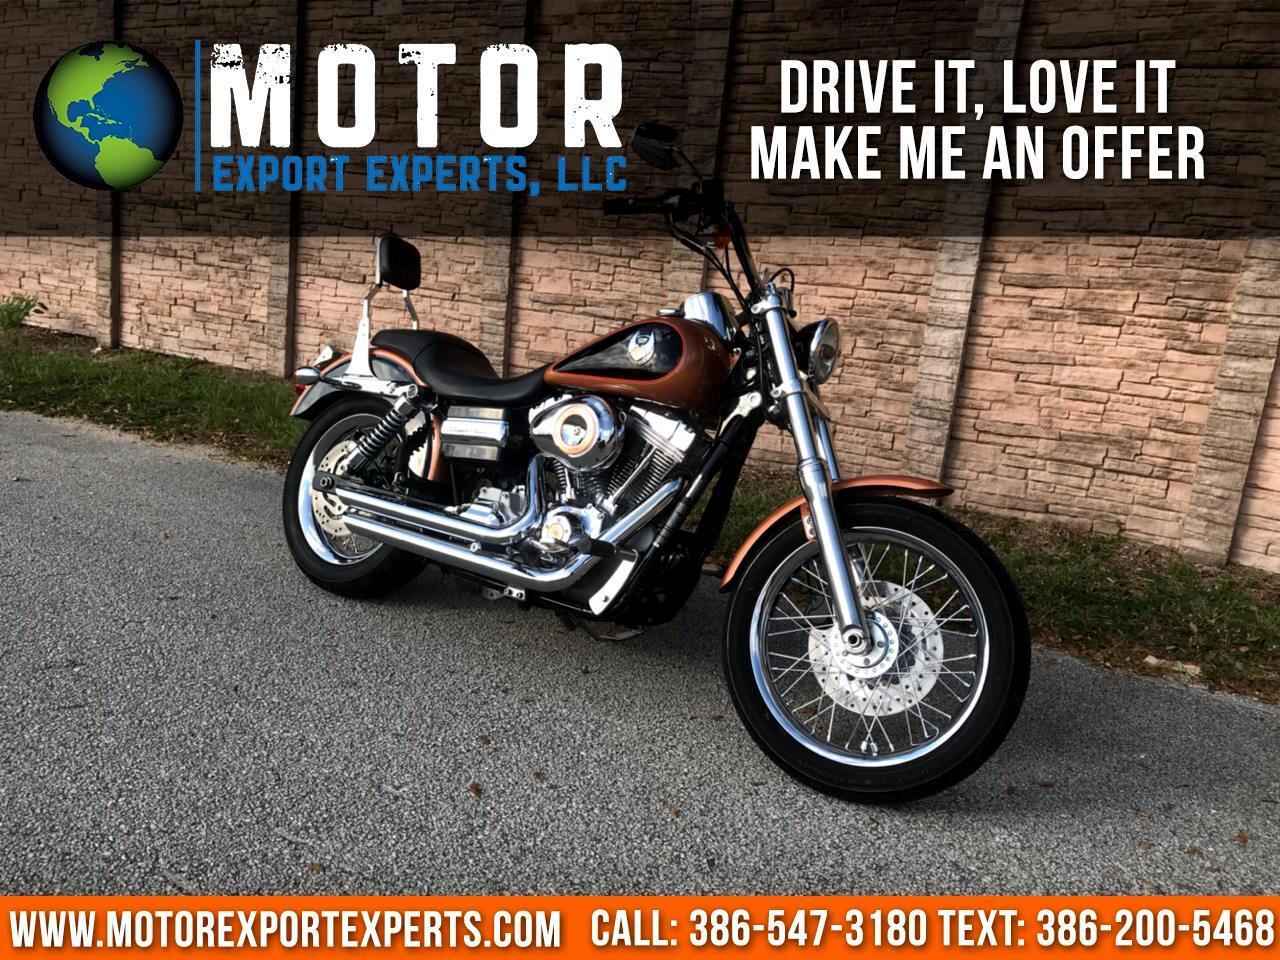 2008 Harley-Davidson FXDC ANV DYNA SUPER GLIDE